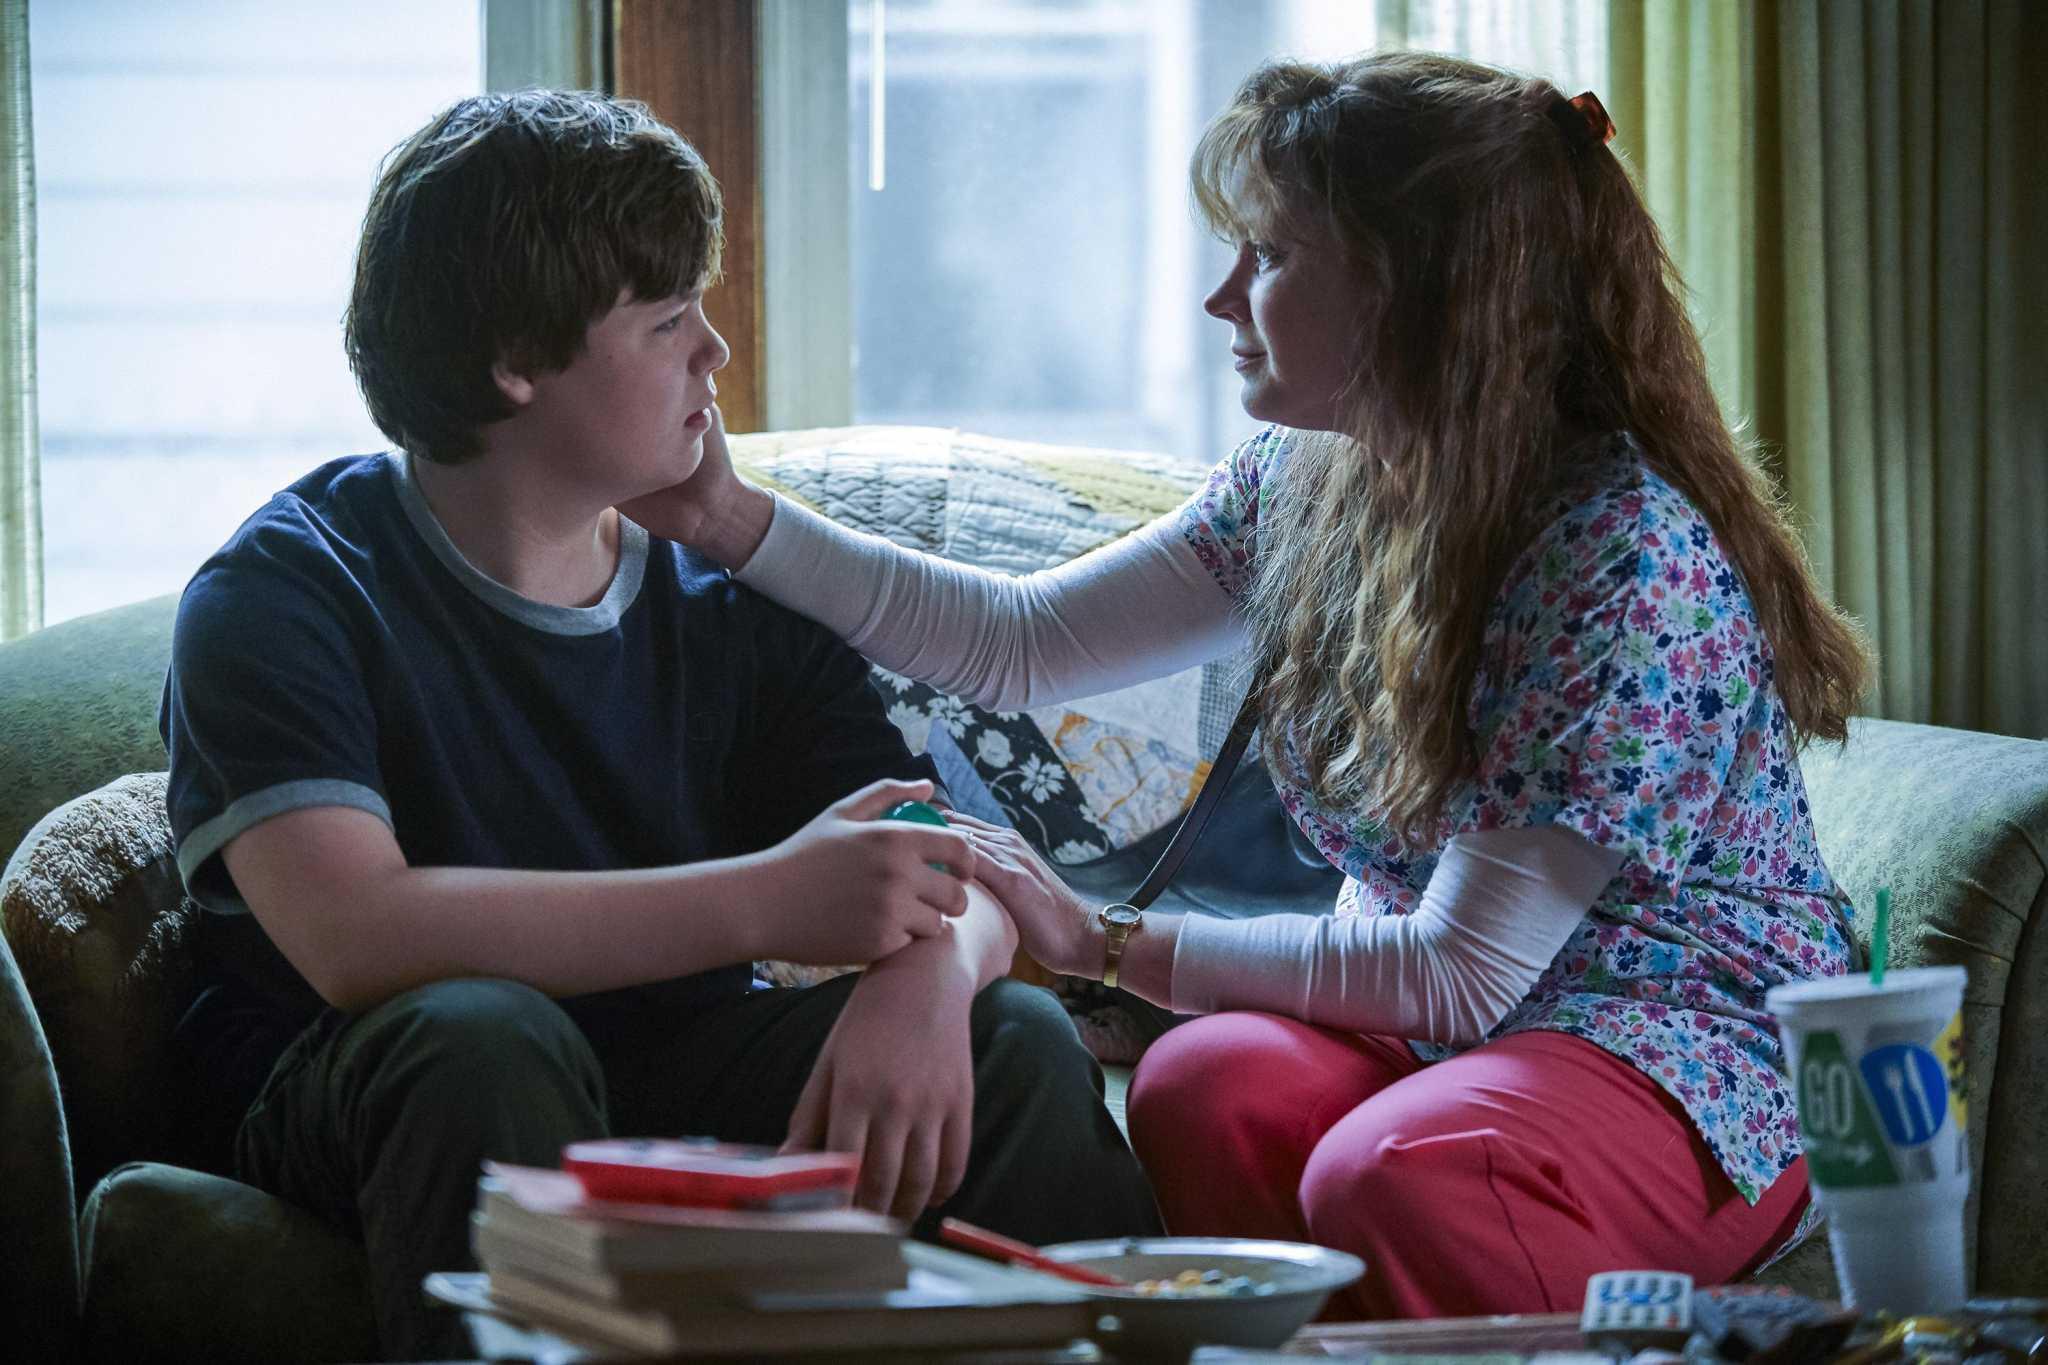 A imagem é uma cena do filme Era uma vez um sonho. Nela, vemos os personagens J. D. e Bev sentados em um sofá. J. D. é interpretado pelo ator-mirim Owen Asztalos; ele está sentado à esquerda, olhando para Bev. Owen é um menino branco, de cabelos castanhos claros, ele veste uma camiseta azul e calças verde-escuro. Bev é interpretada pela atriz Amy Adams, ela está sentada à direita, olhando para Owen com a sua mão direita encostada na bochecha de Owen. Amy é uma mulher branca, de cabelos ruivos e compridos; ela veste uma camiseta florida, com uma blusa branca de mangas compridas por baixo e uma calça rosa.